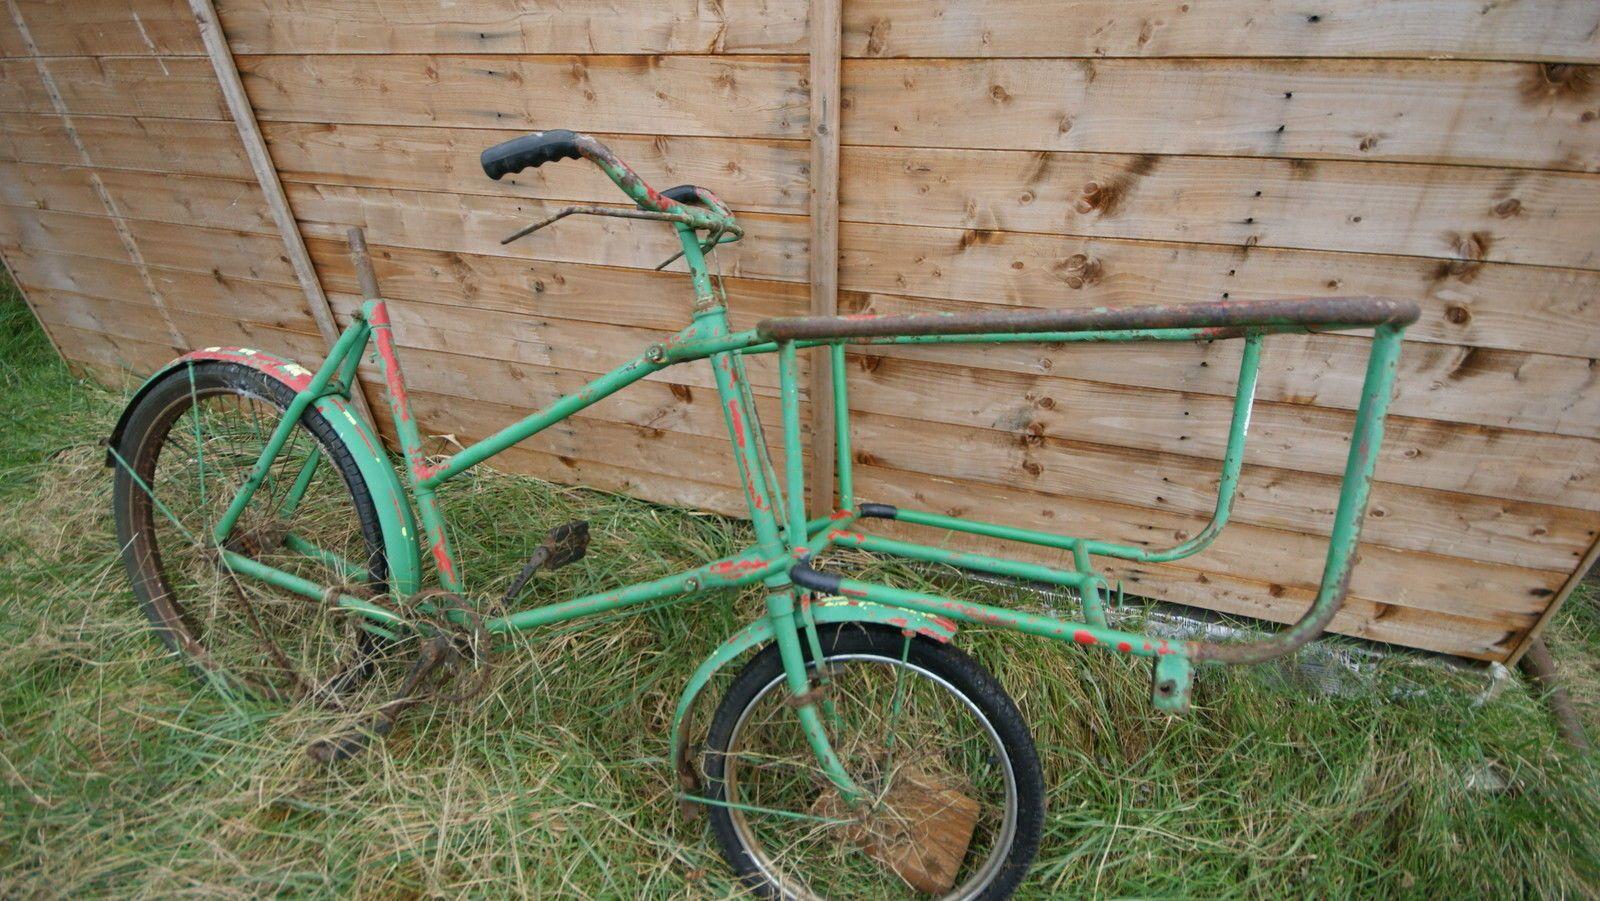 Vintage Trade Bike Bicycle Butcher S Bike Spares Or Repair Bicycle Bike Bicycle Bike